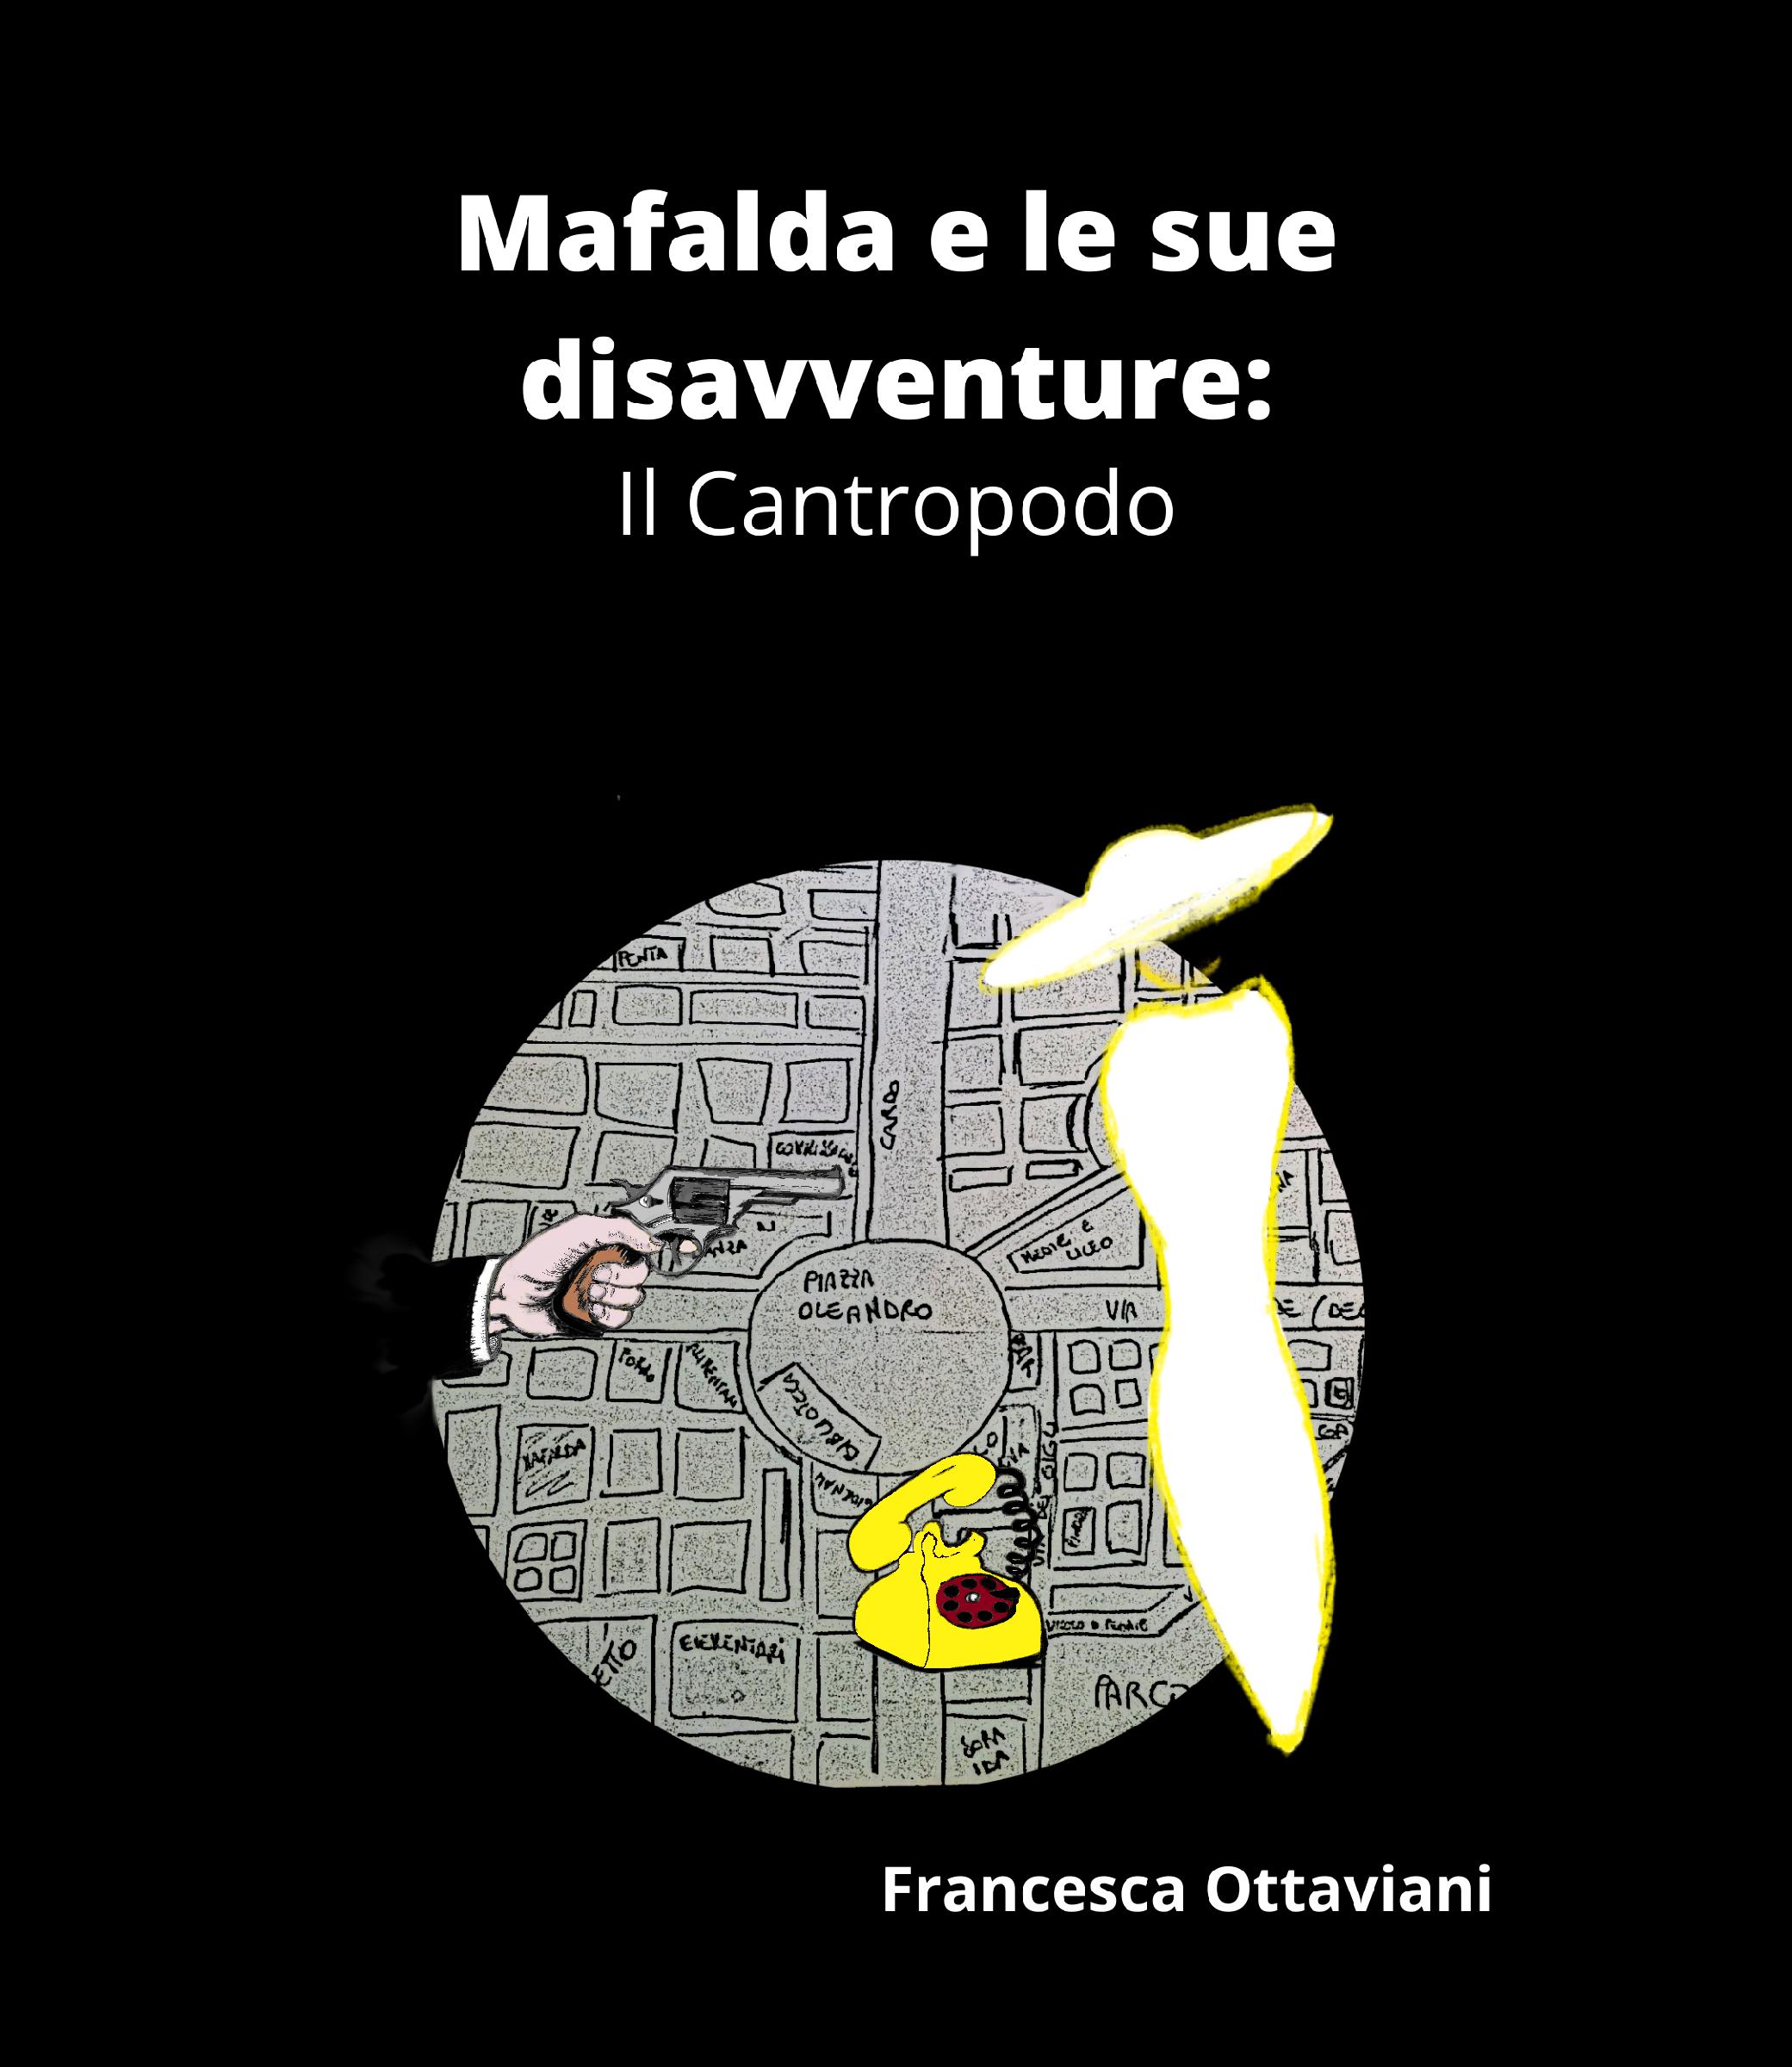 Segnalazione- Mafalda e le sue disavventure: Il Cantropodo